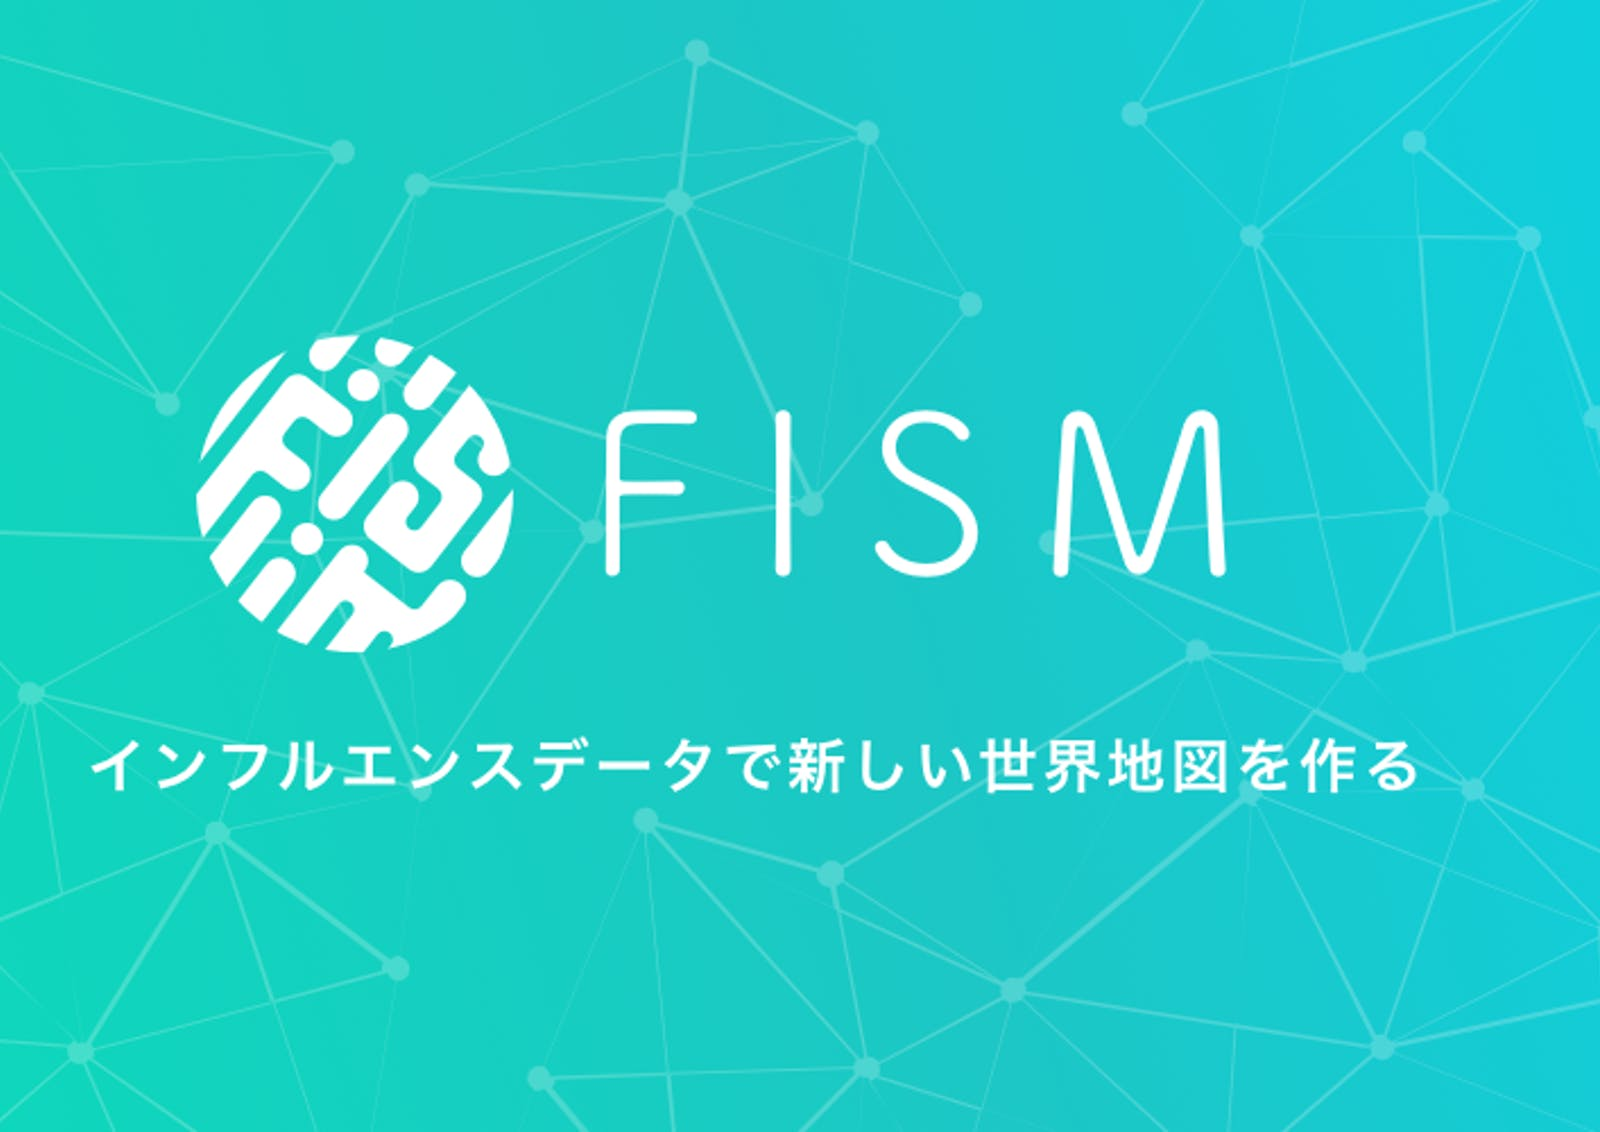 FISM株式会社のアイキャッチ画像